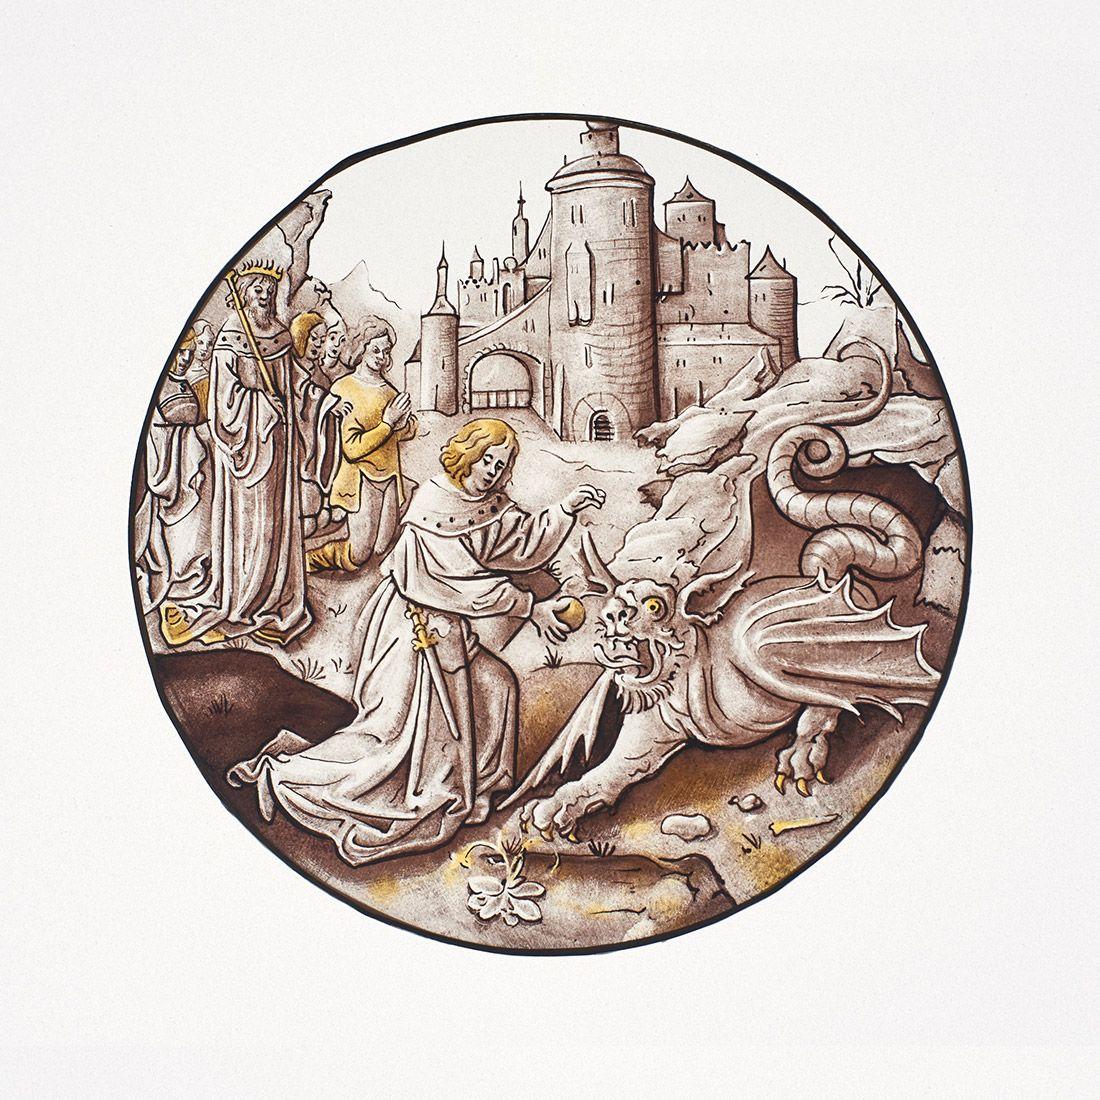 Rondel d'inspiration moyen-age peint à la grisaille et au jaune d'argent.